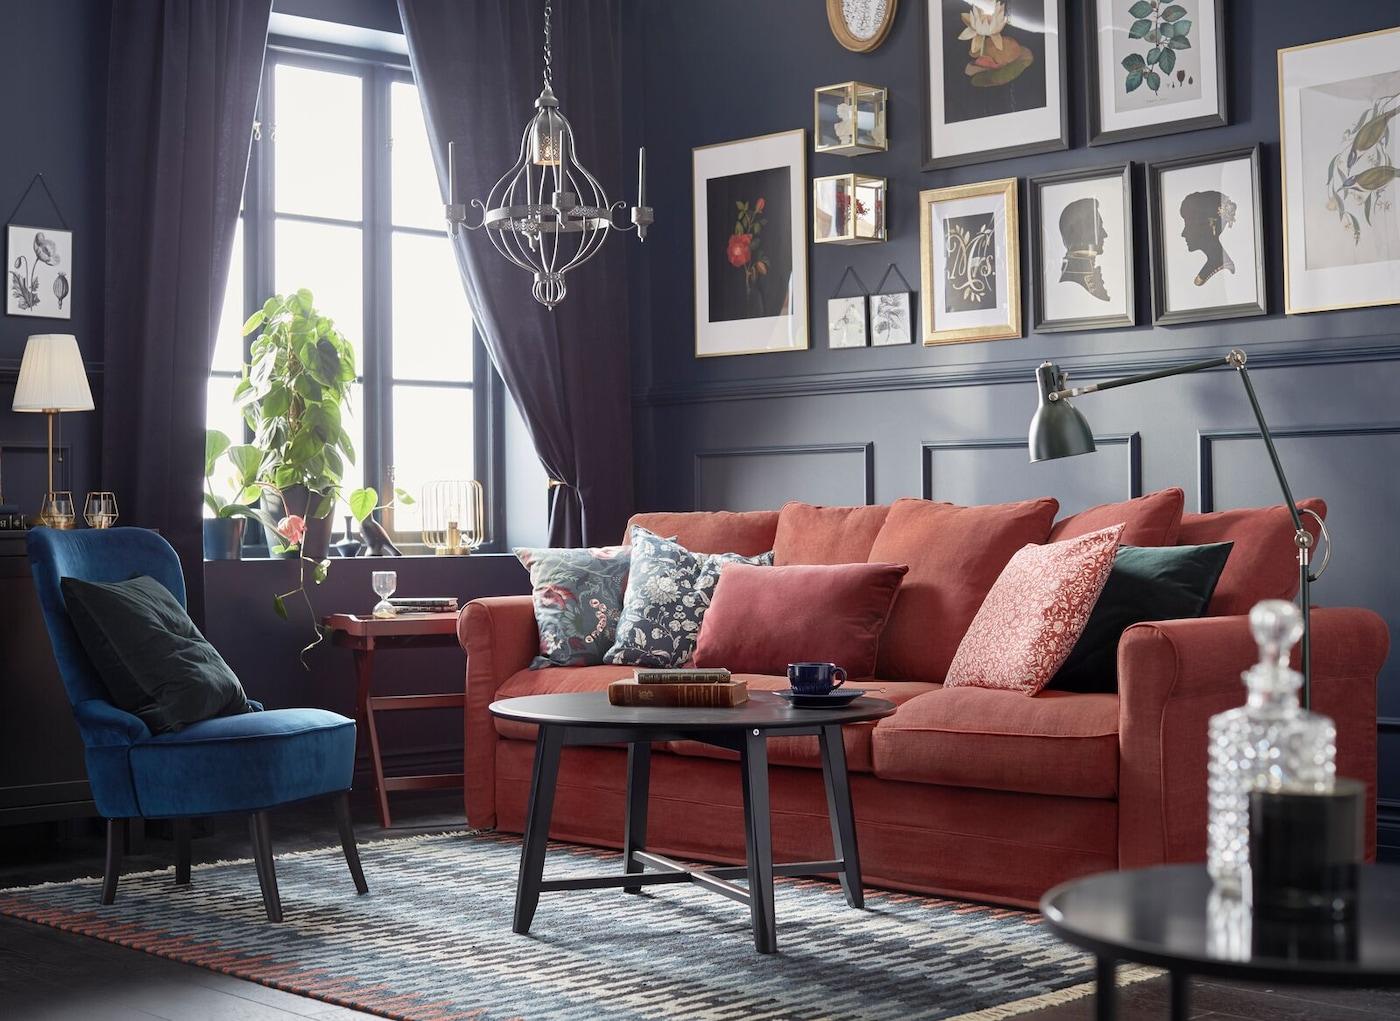 ett mörkmålat vardagsrum där en röd soffa står mot en vägg där ett härligt tavelkollage med olika ramar sitter uppsatt.